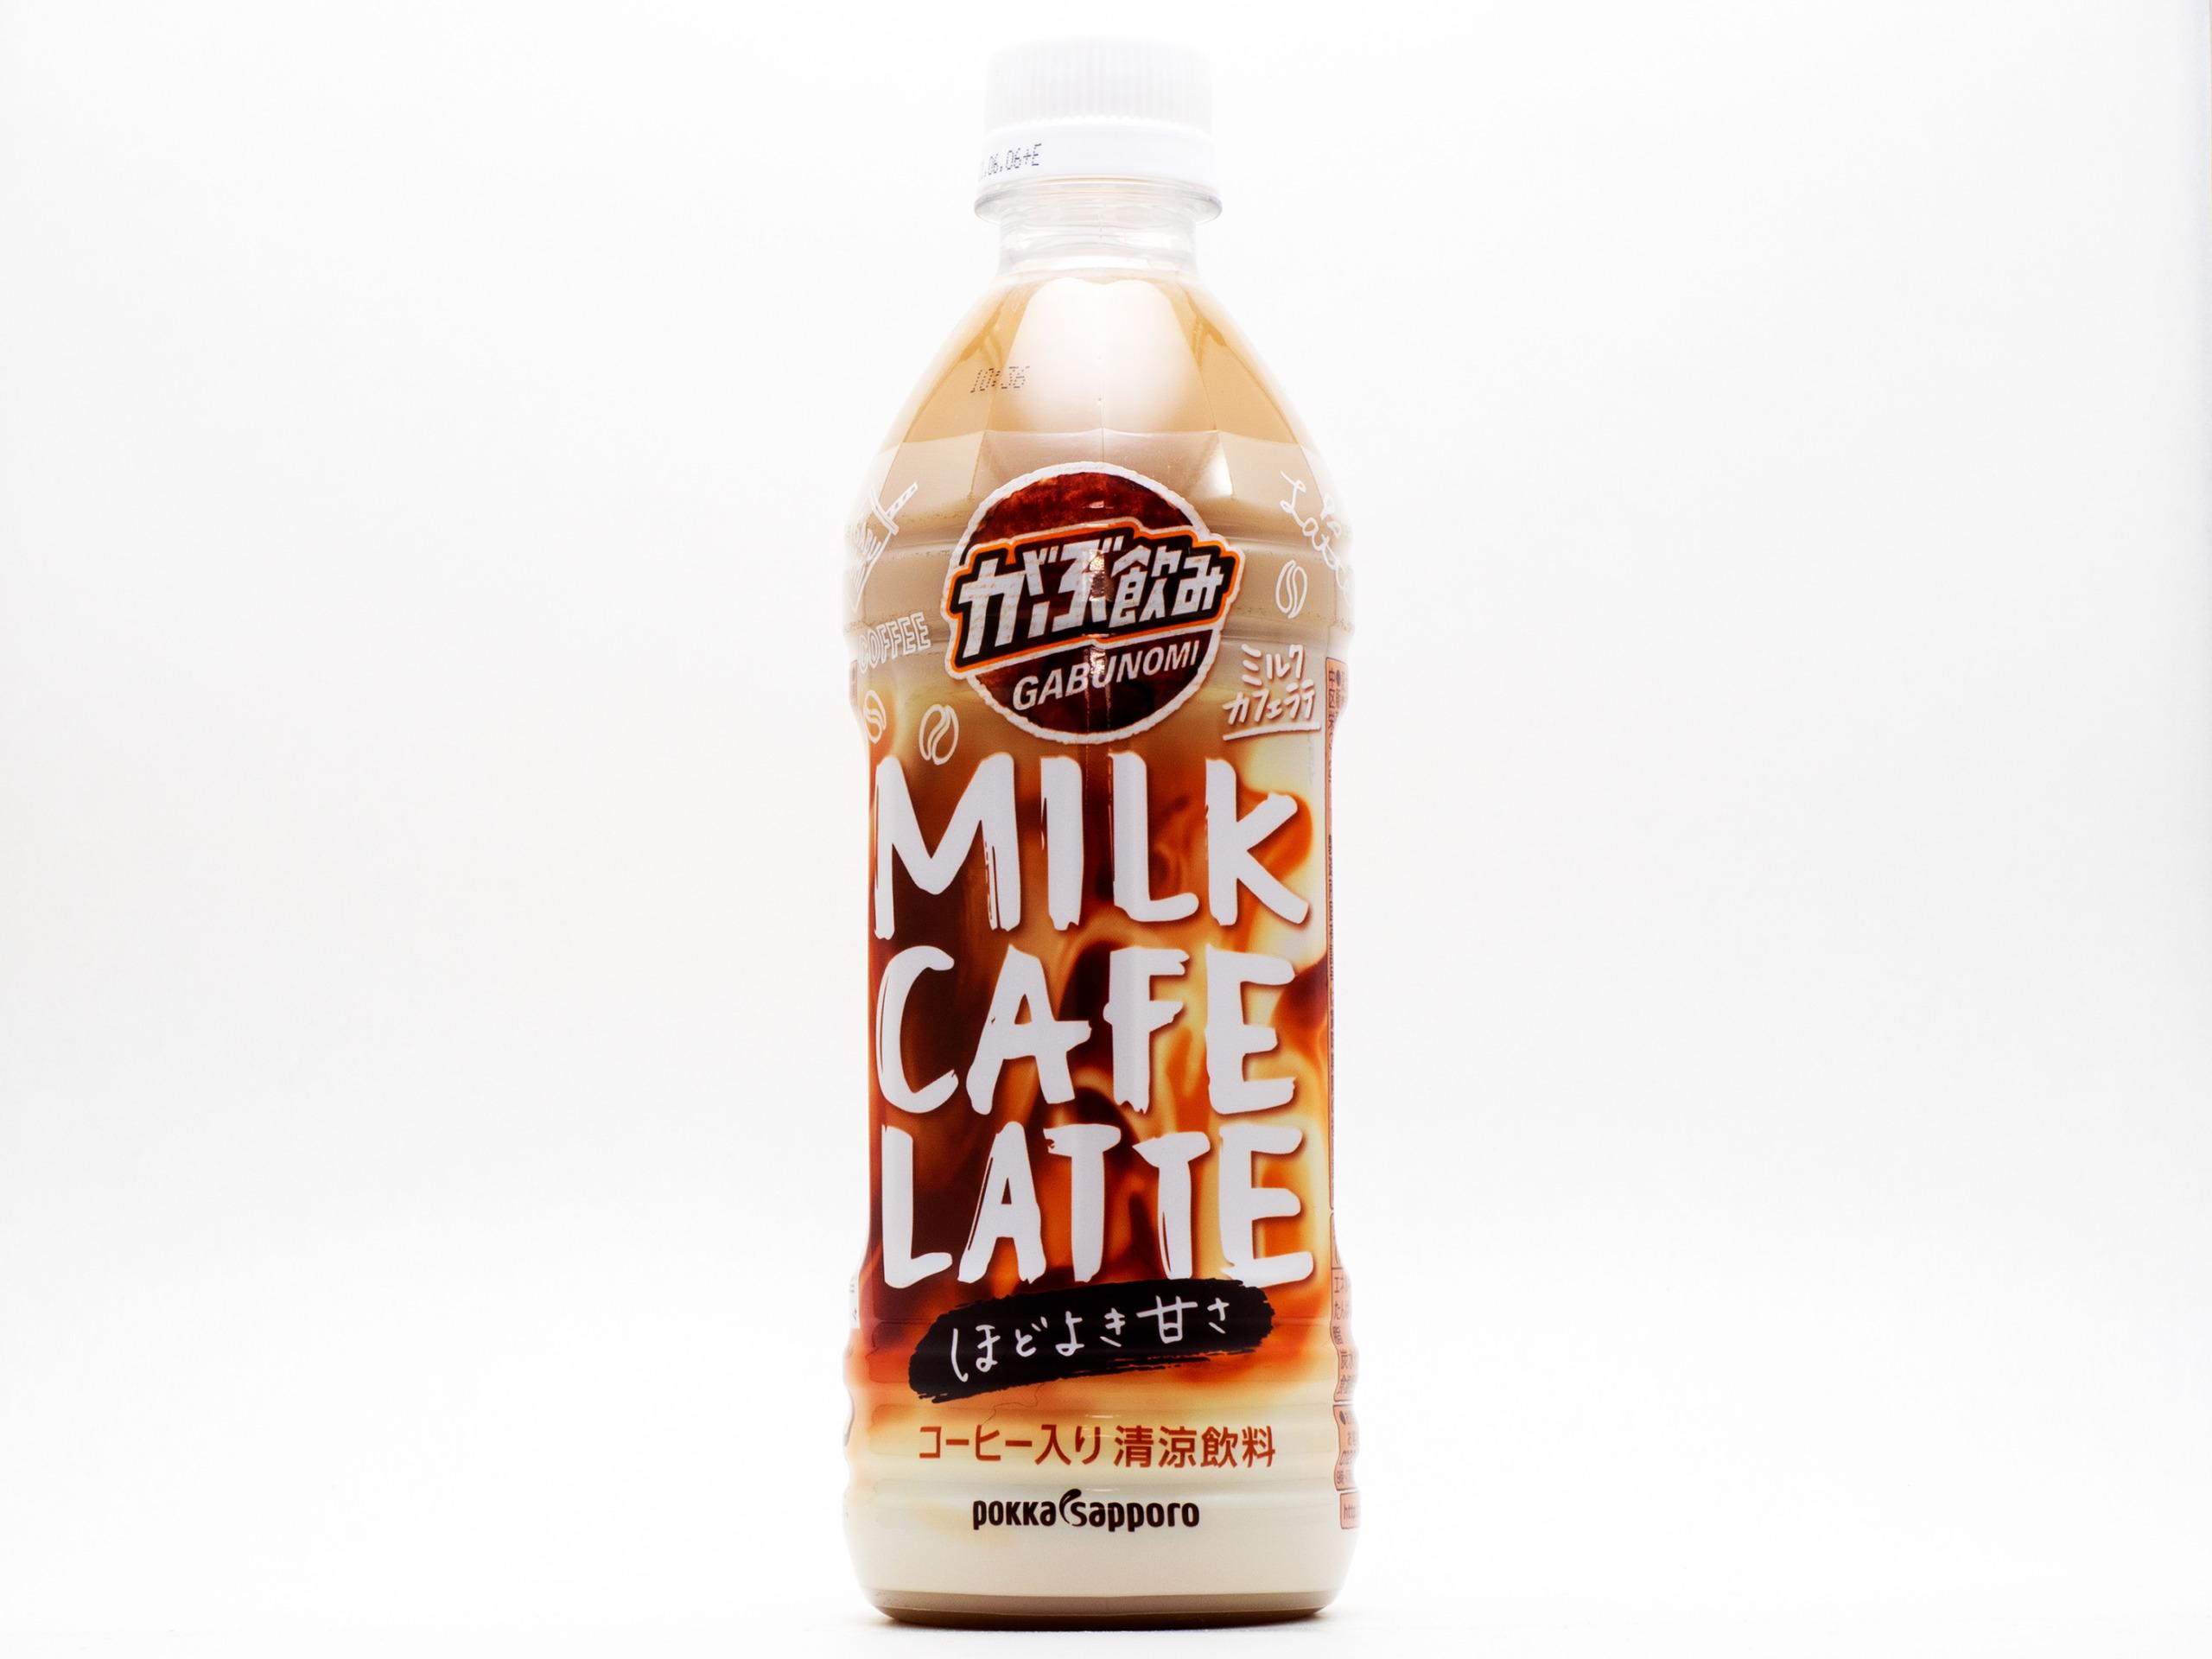 ポッカサッポロフード&ビバレッジ がぶ飲み ミルクカフェラテ